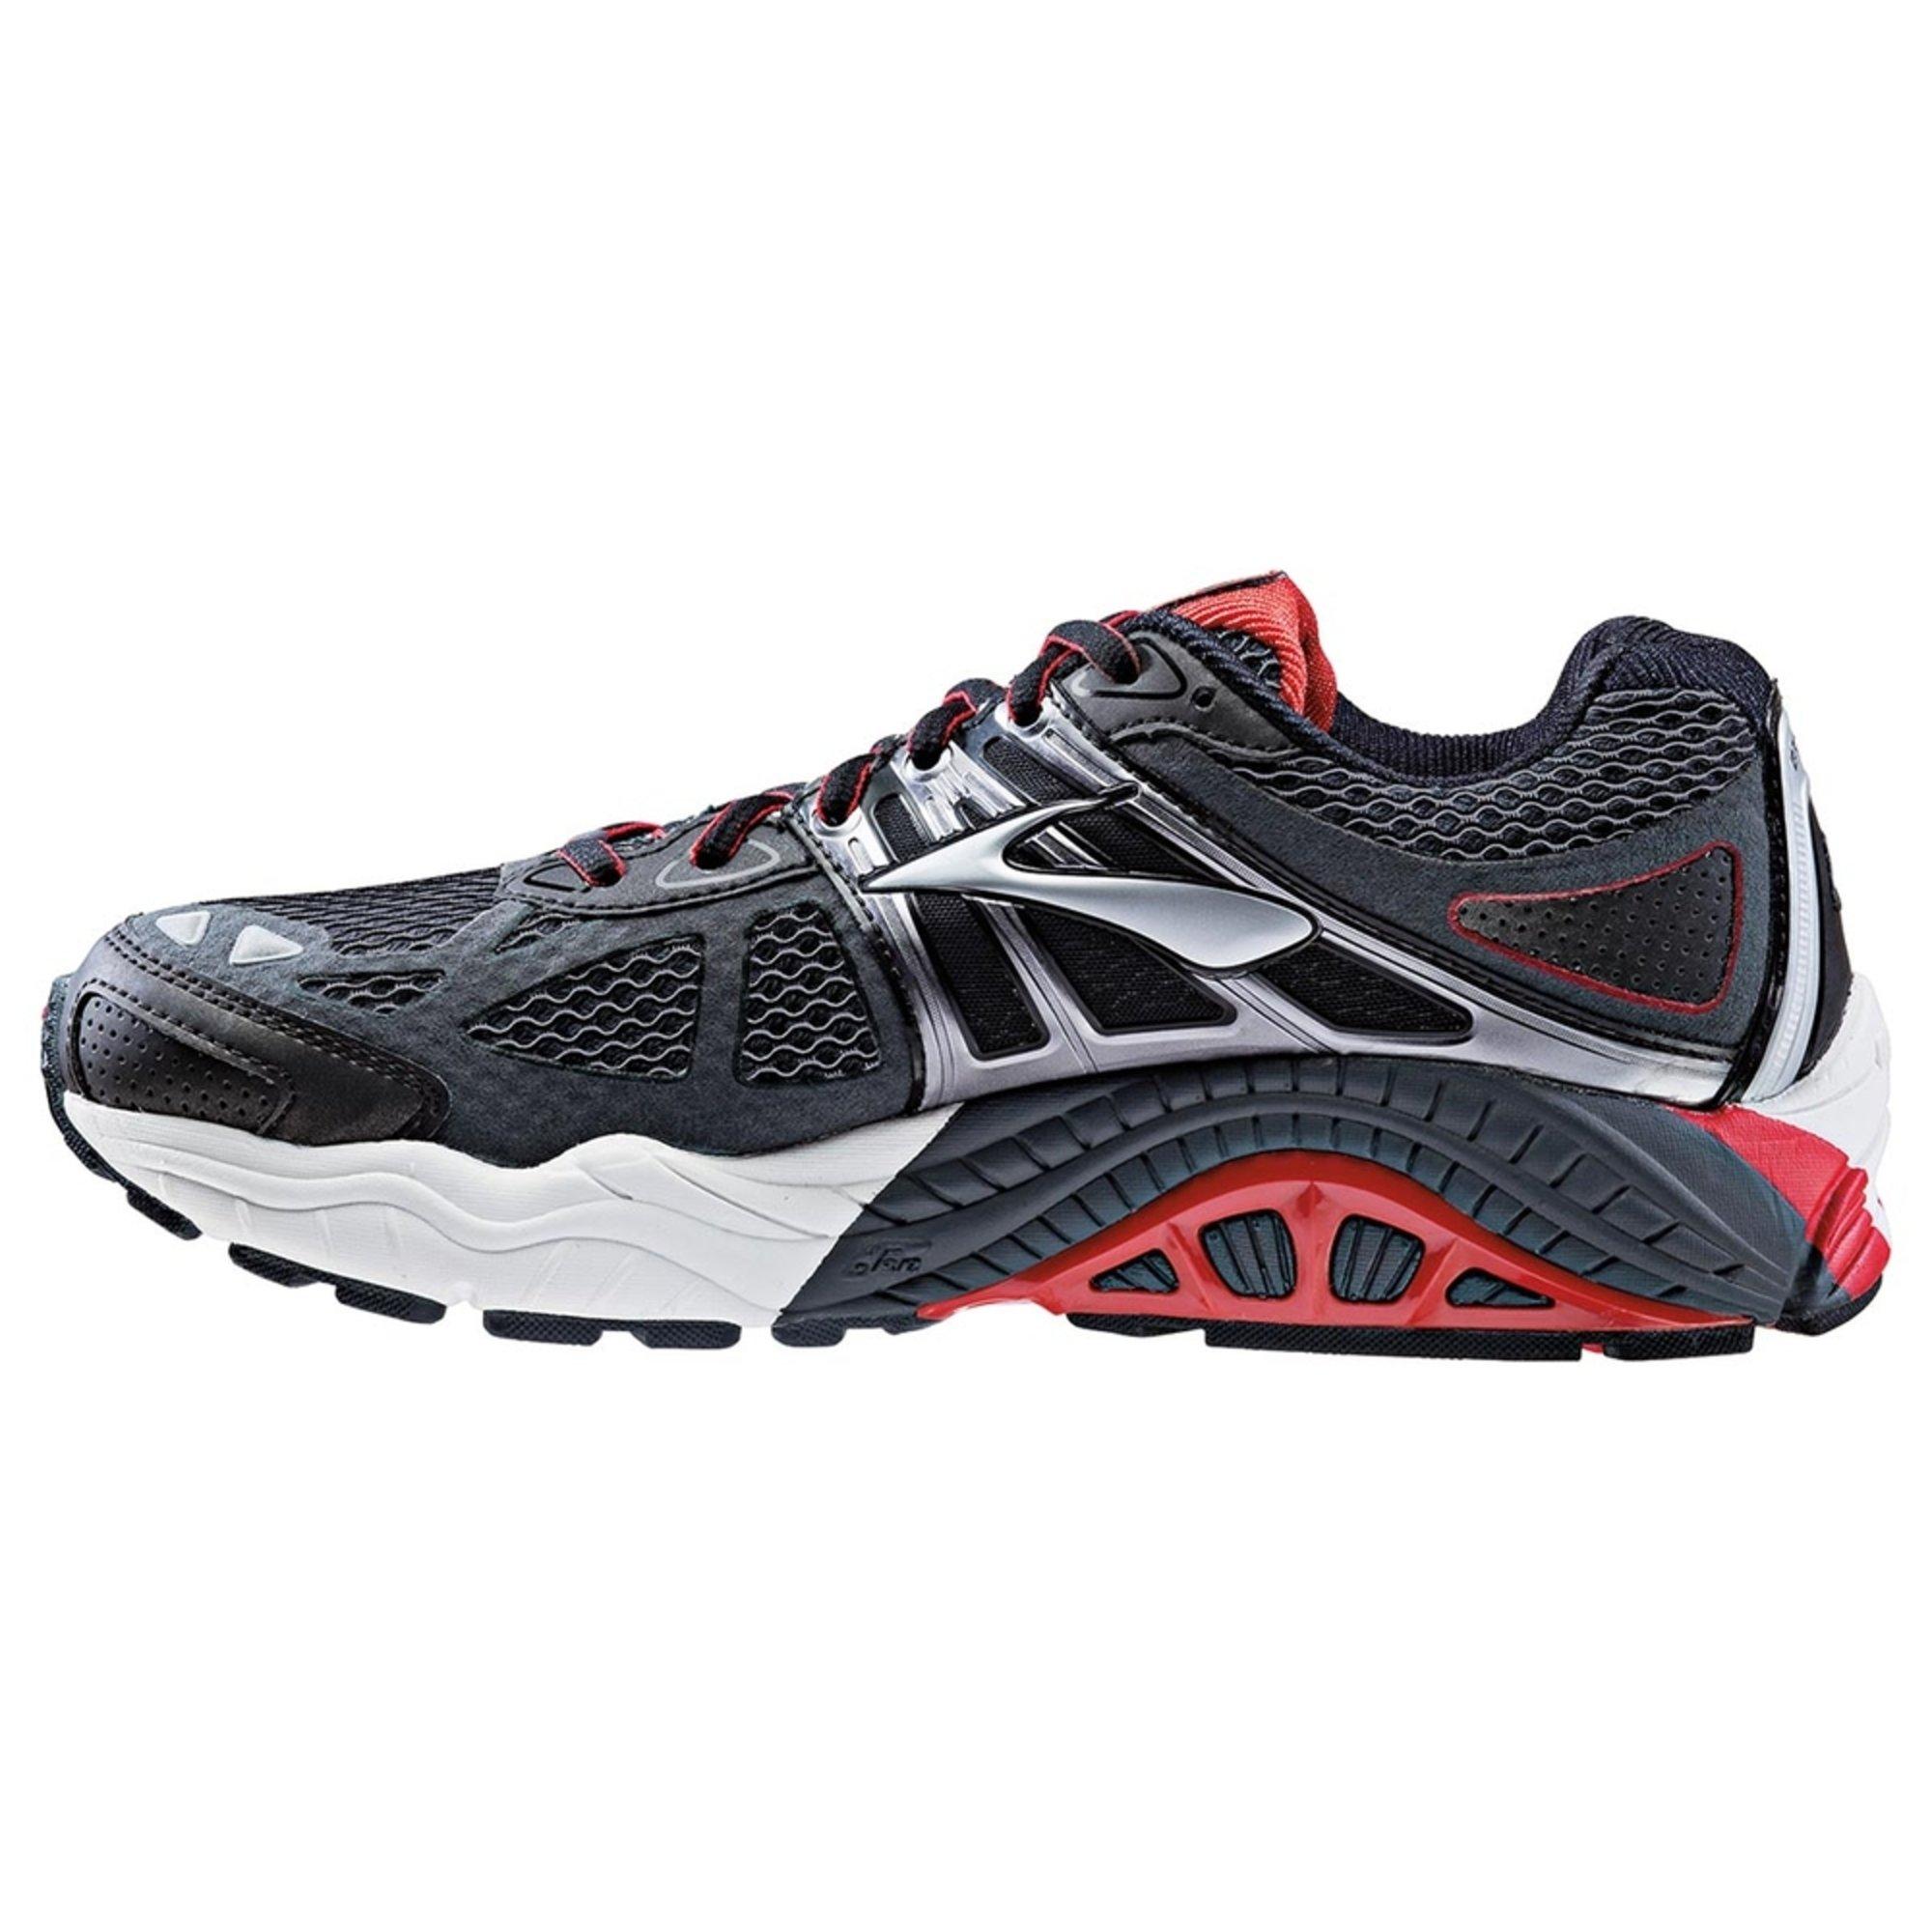 brooks beast 14 men 39 s running shoe shoes shop your. Black Bedroom Furniture Sets. Home Design Ideas